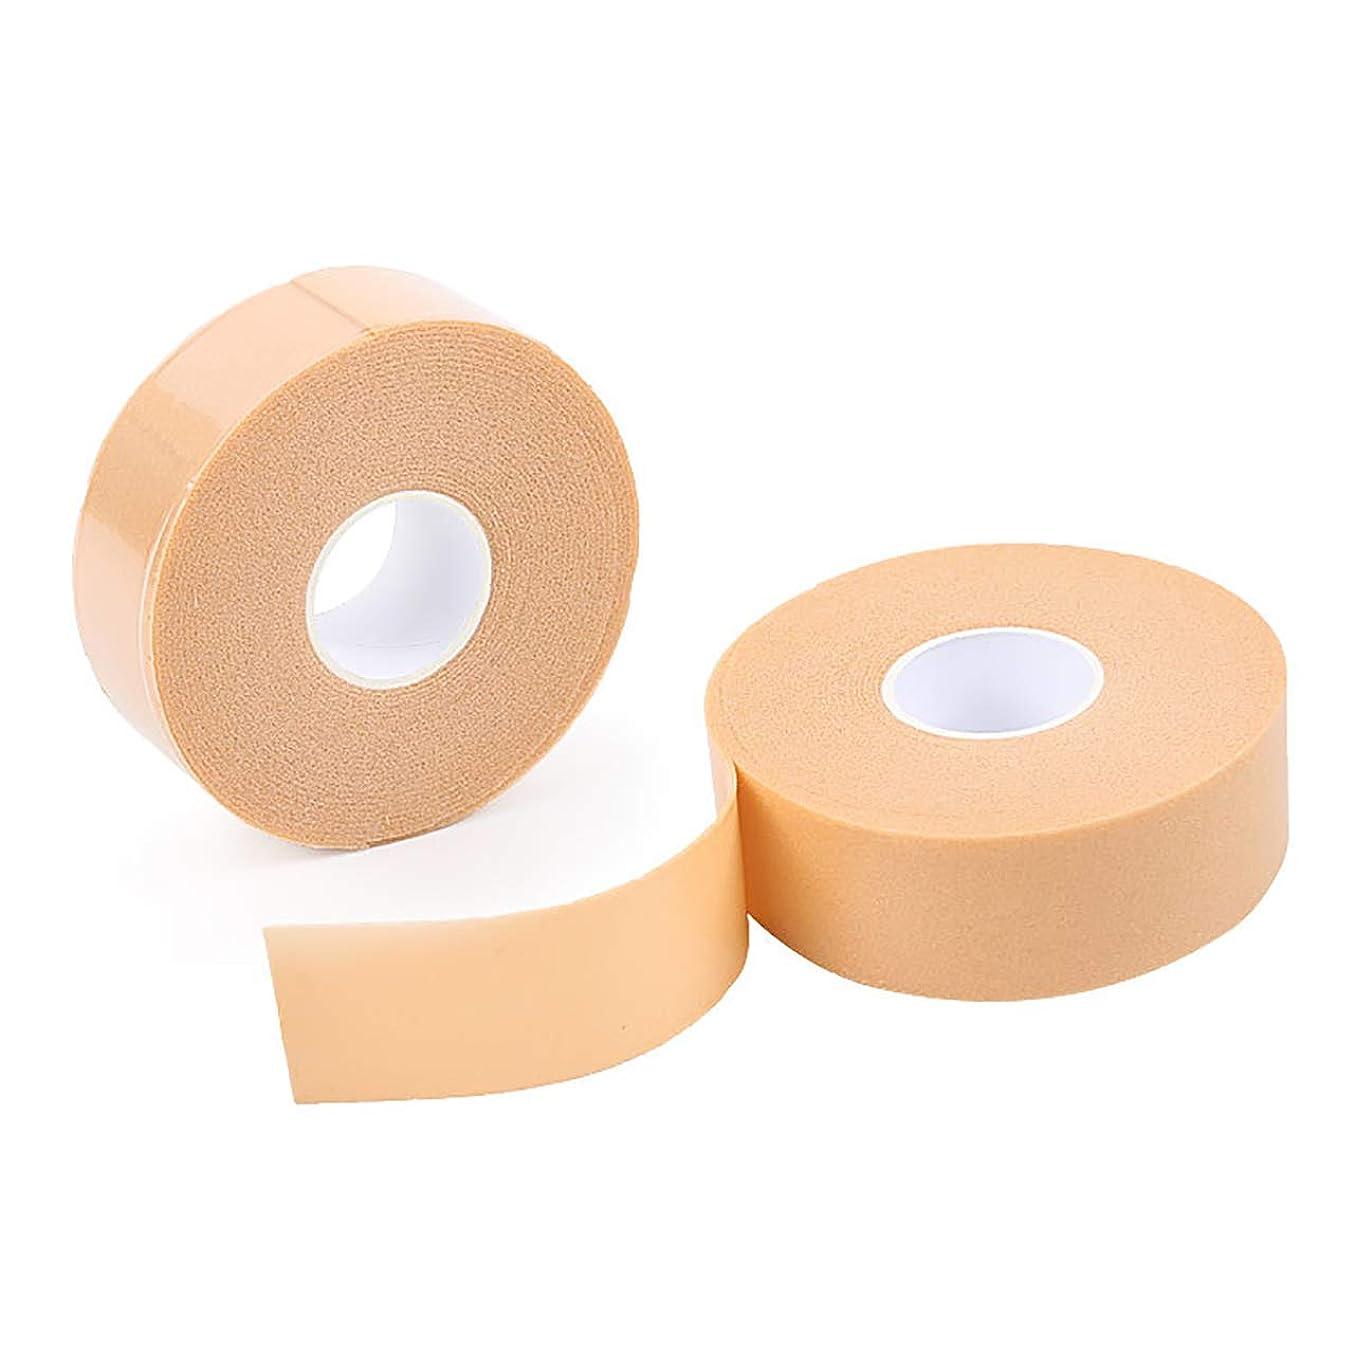 違法櫛起こりやすいHAMILO 保護テープ 靴ズレ かかと 足用パッド 傷テープ 厚手タイプ 手で切れる 滑り止め (4個セット)